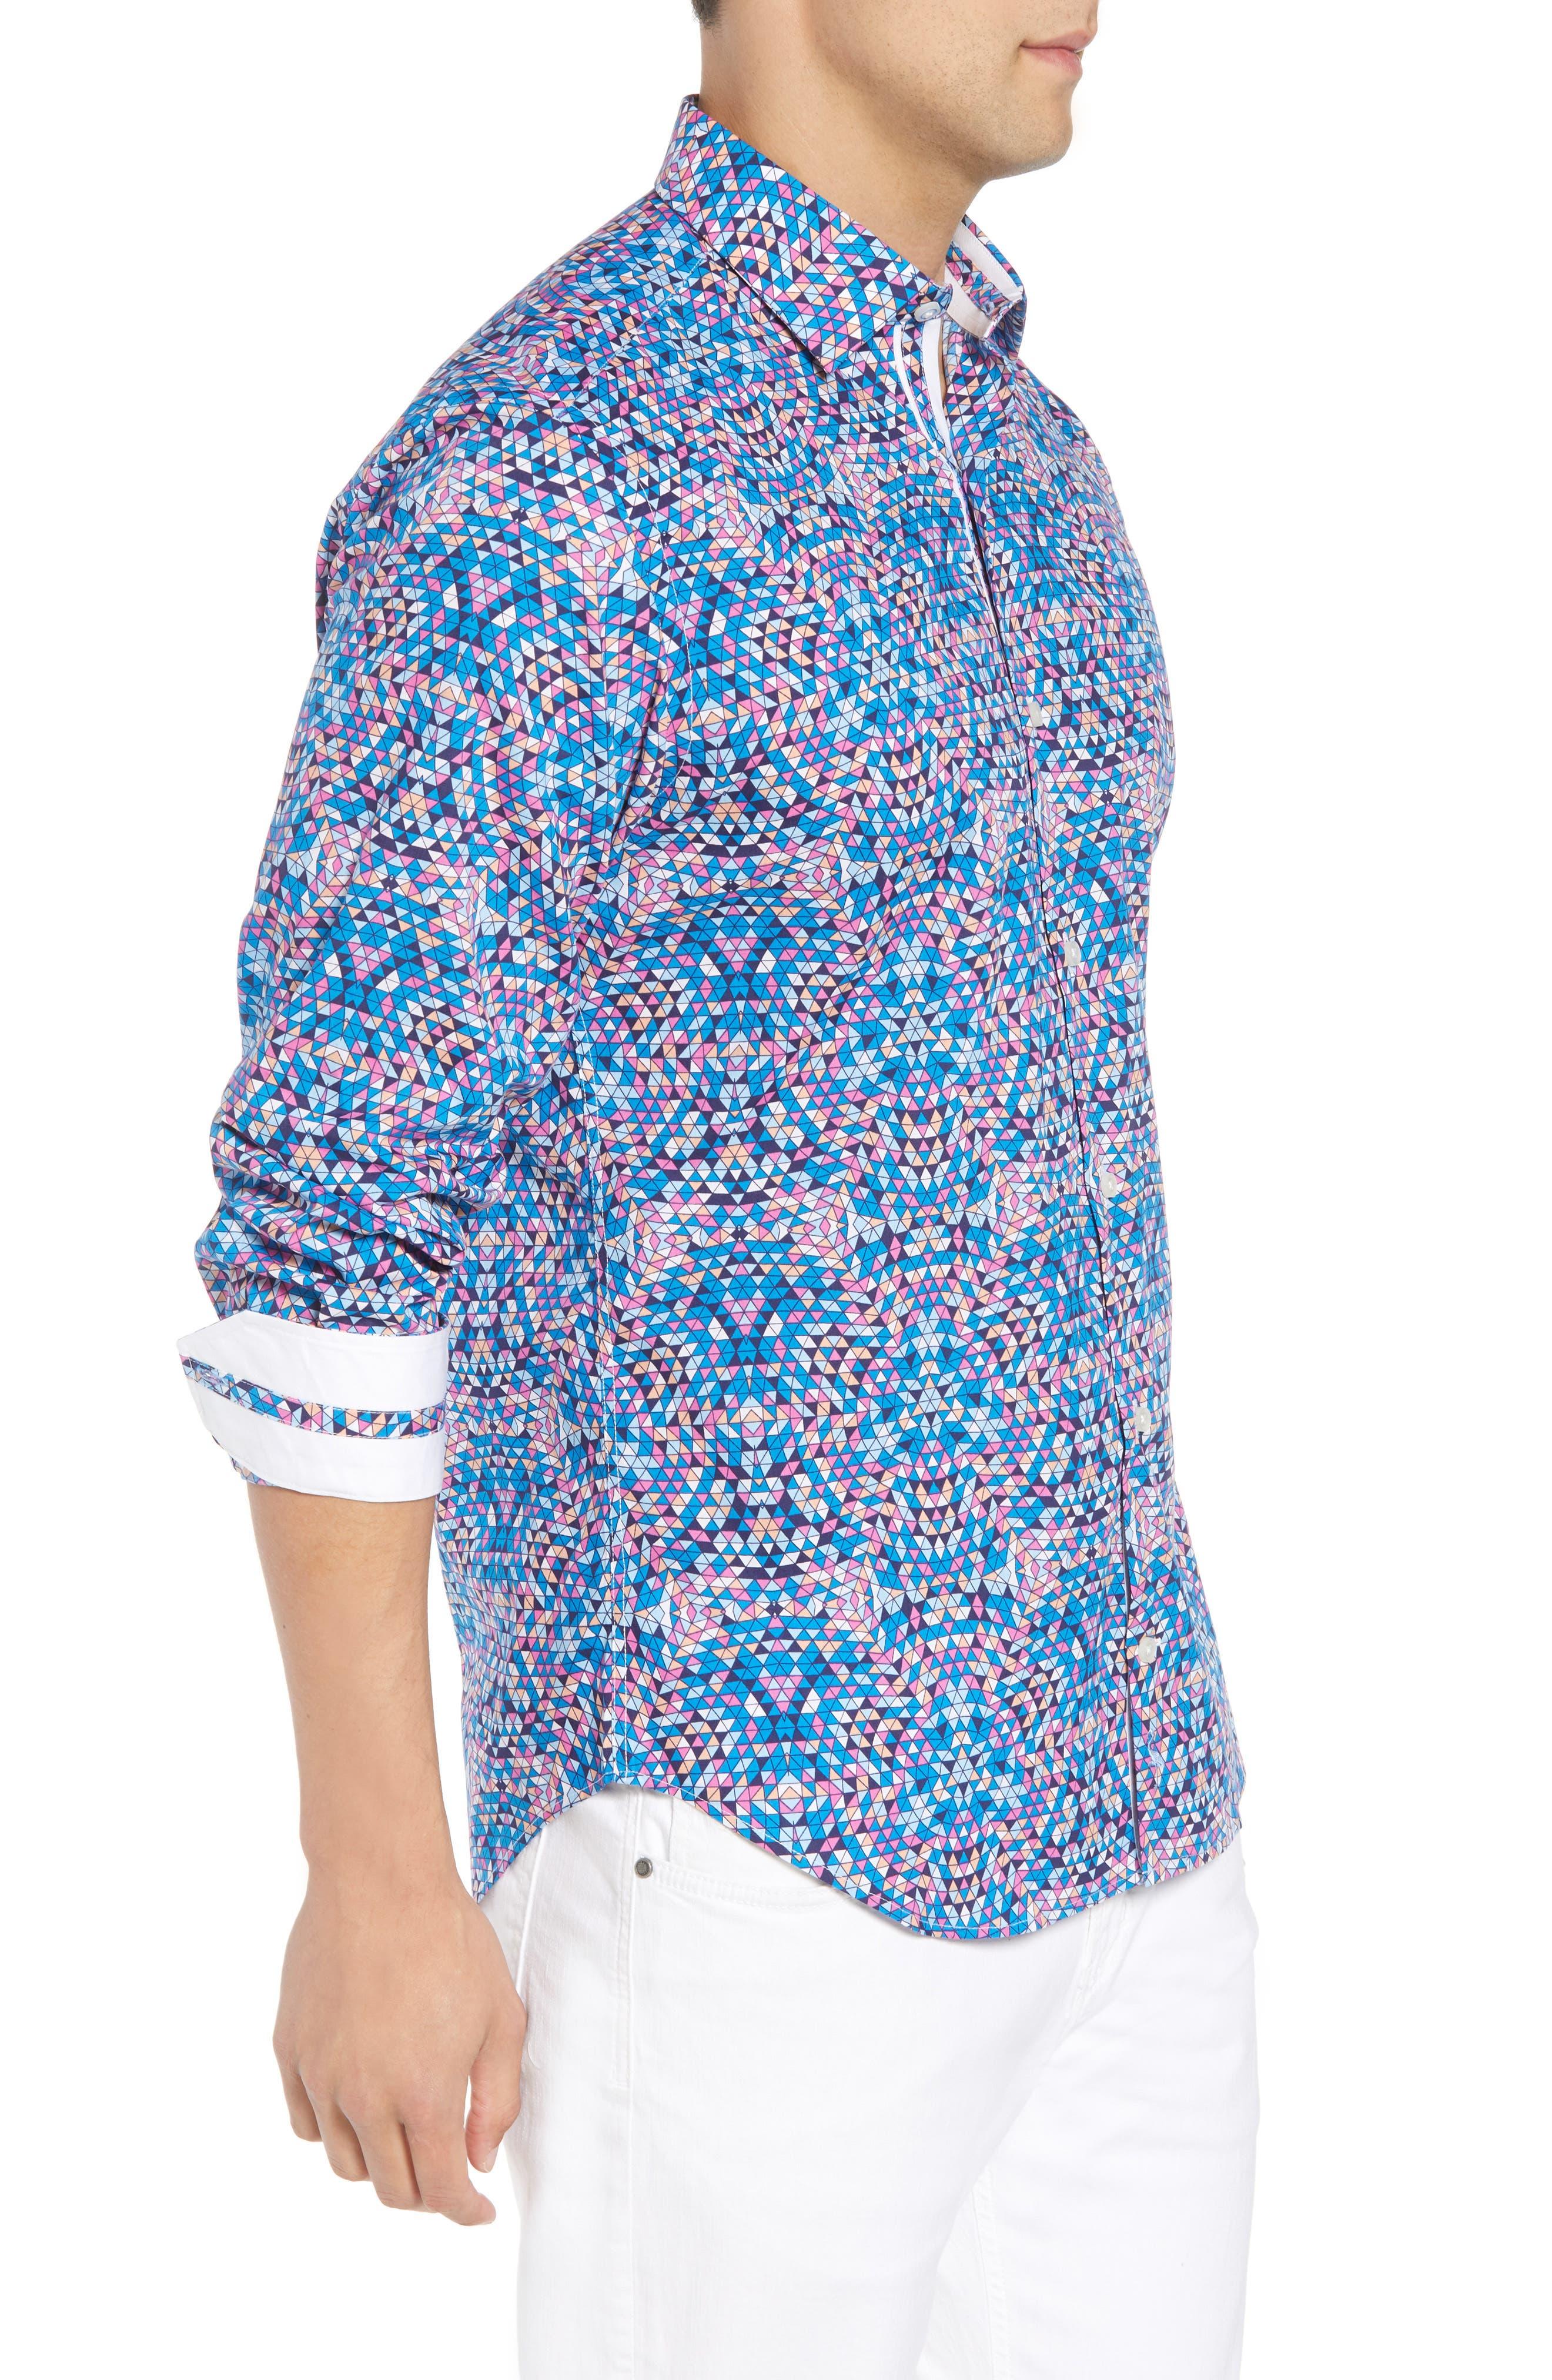 Alden Regular Fit Sport Shirt,                             Alternate thumbnail 4, color,                             Teal